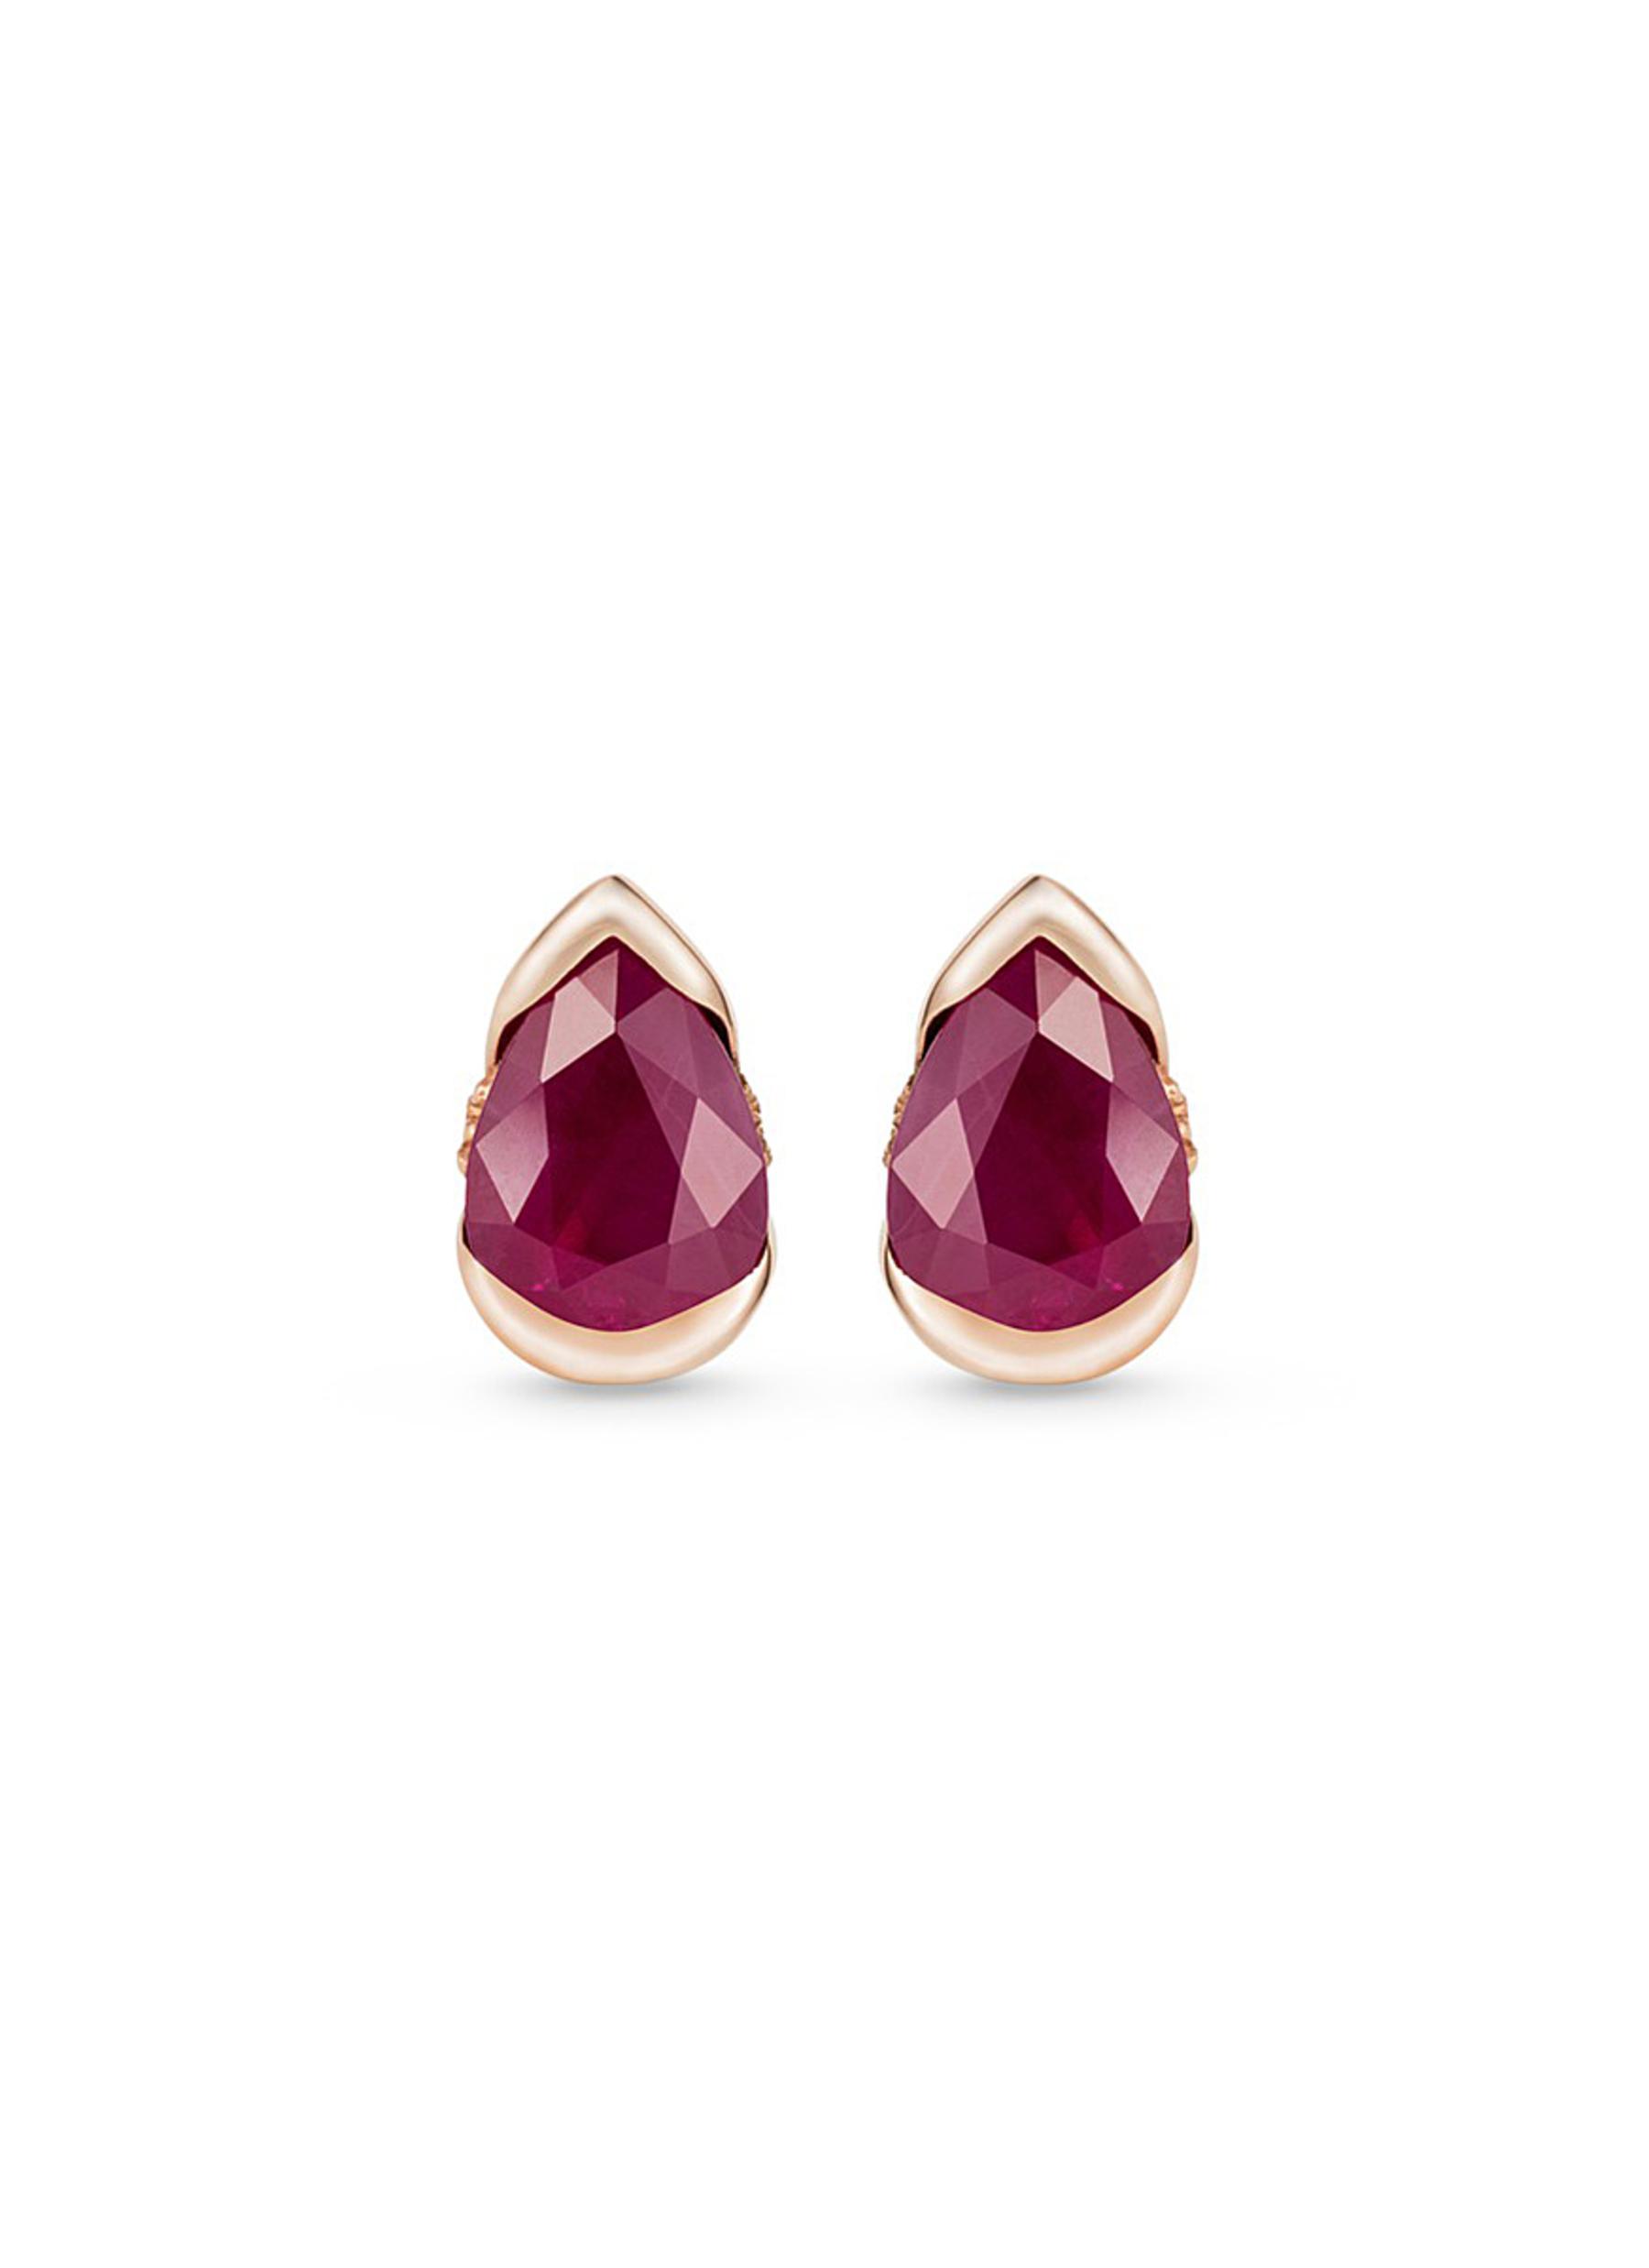 Bloom diamond ruby 18k rose gold small stud earrings by Fernando Jorge